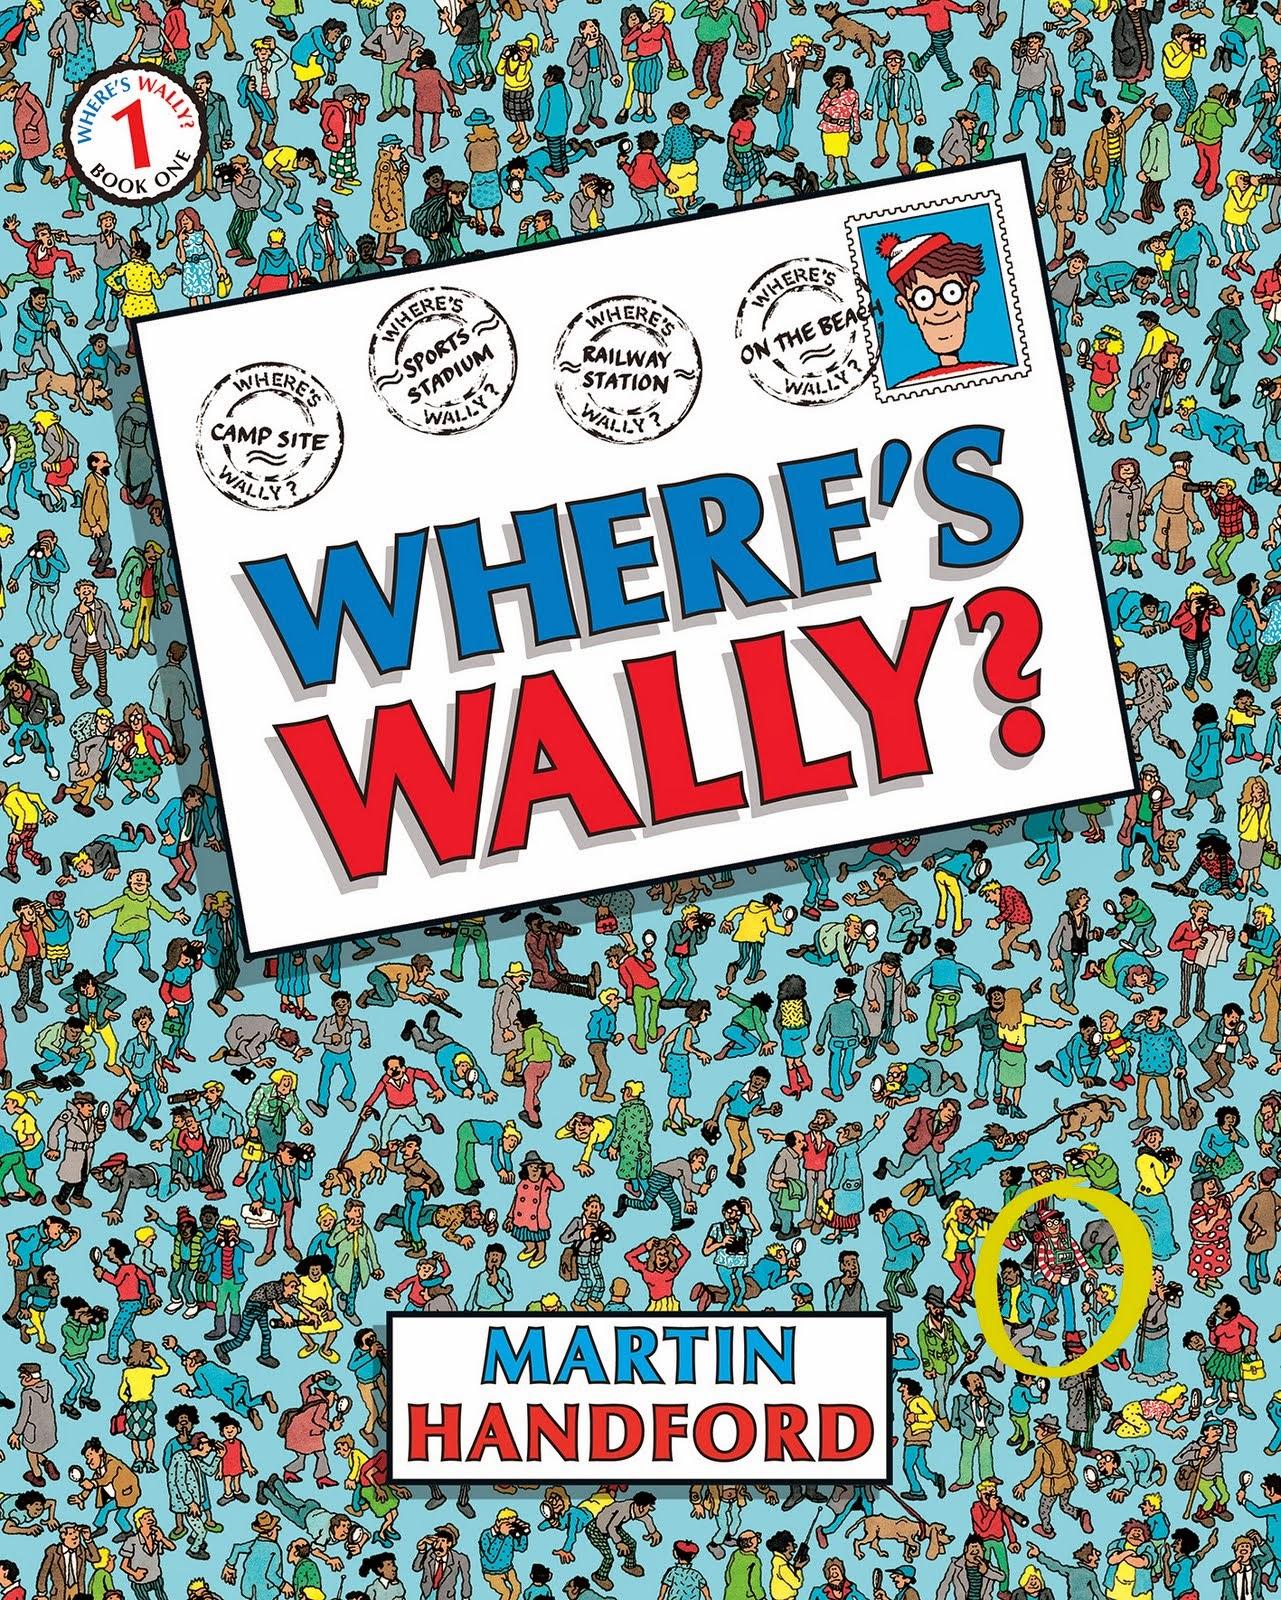 esta wally jugar: